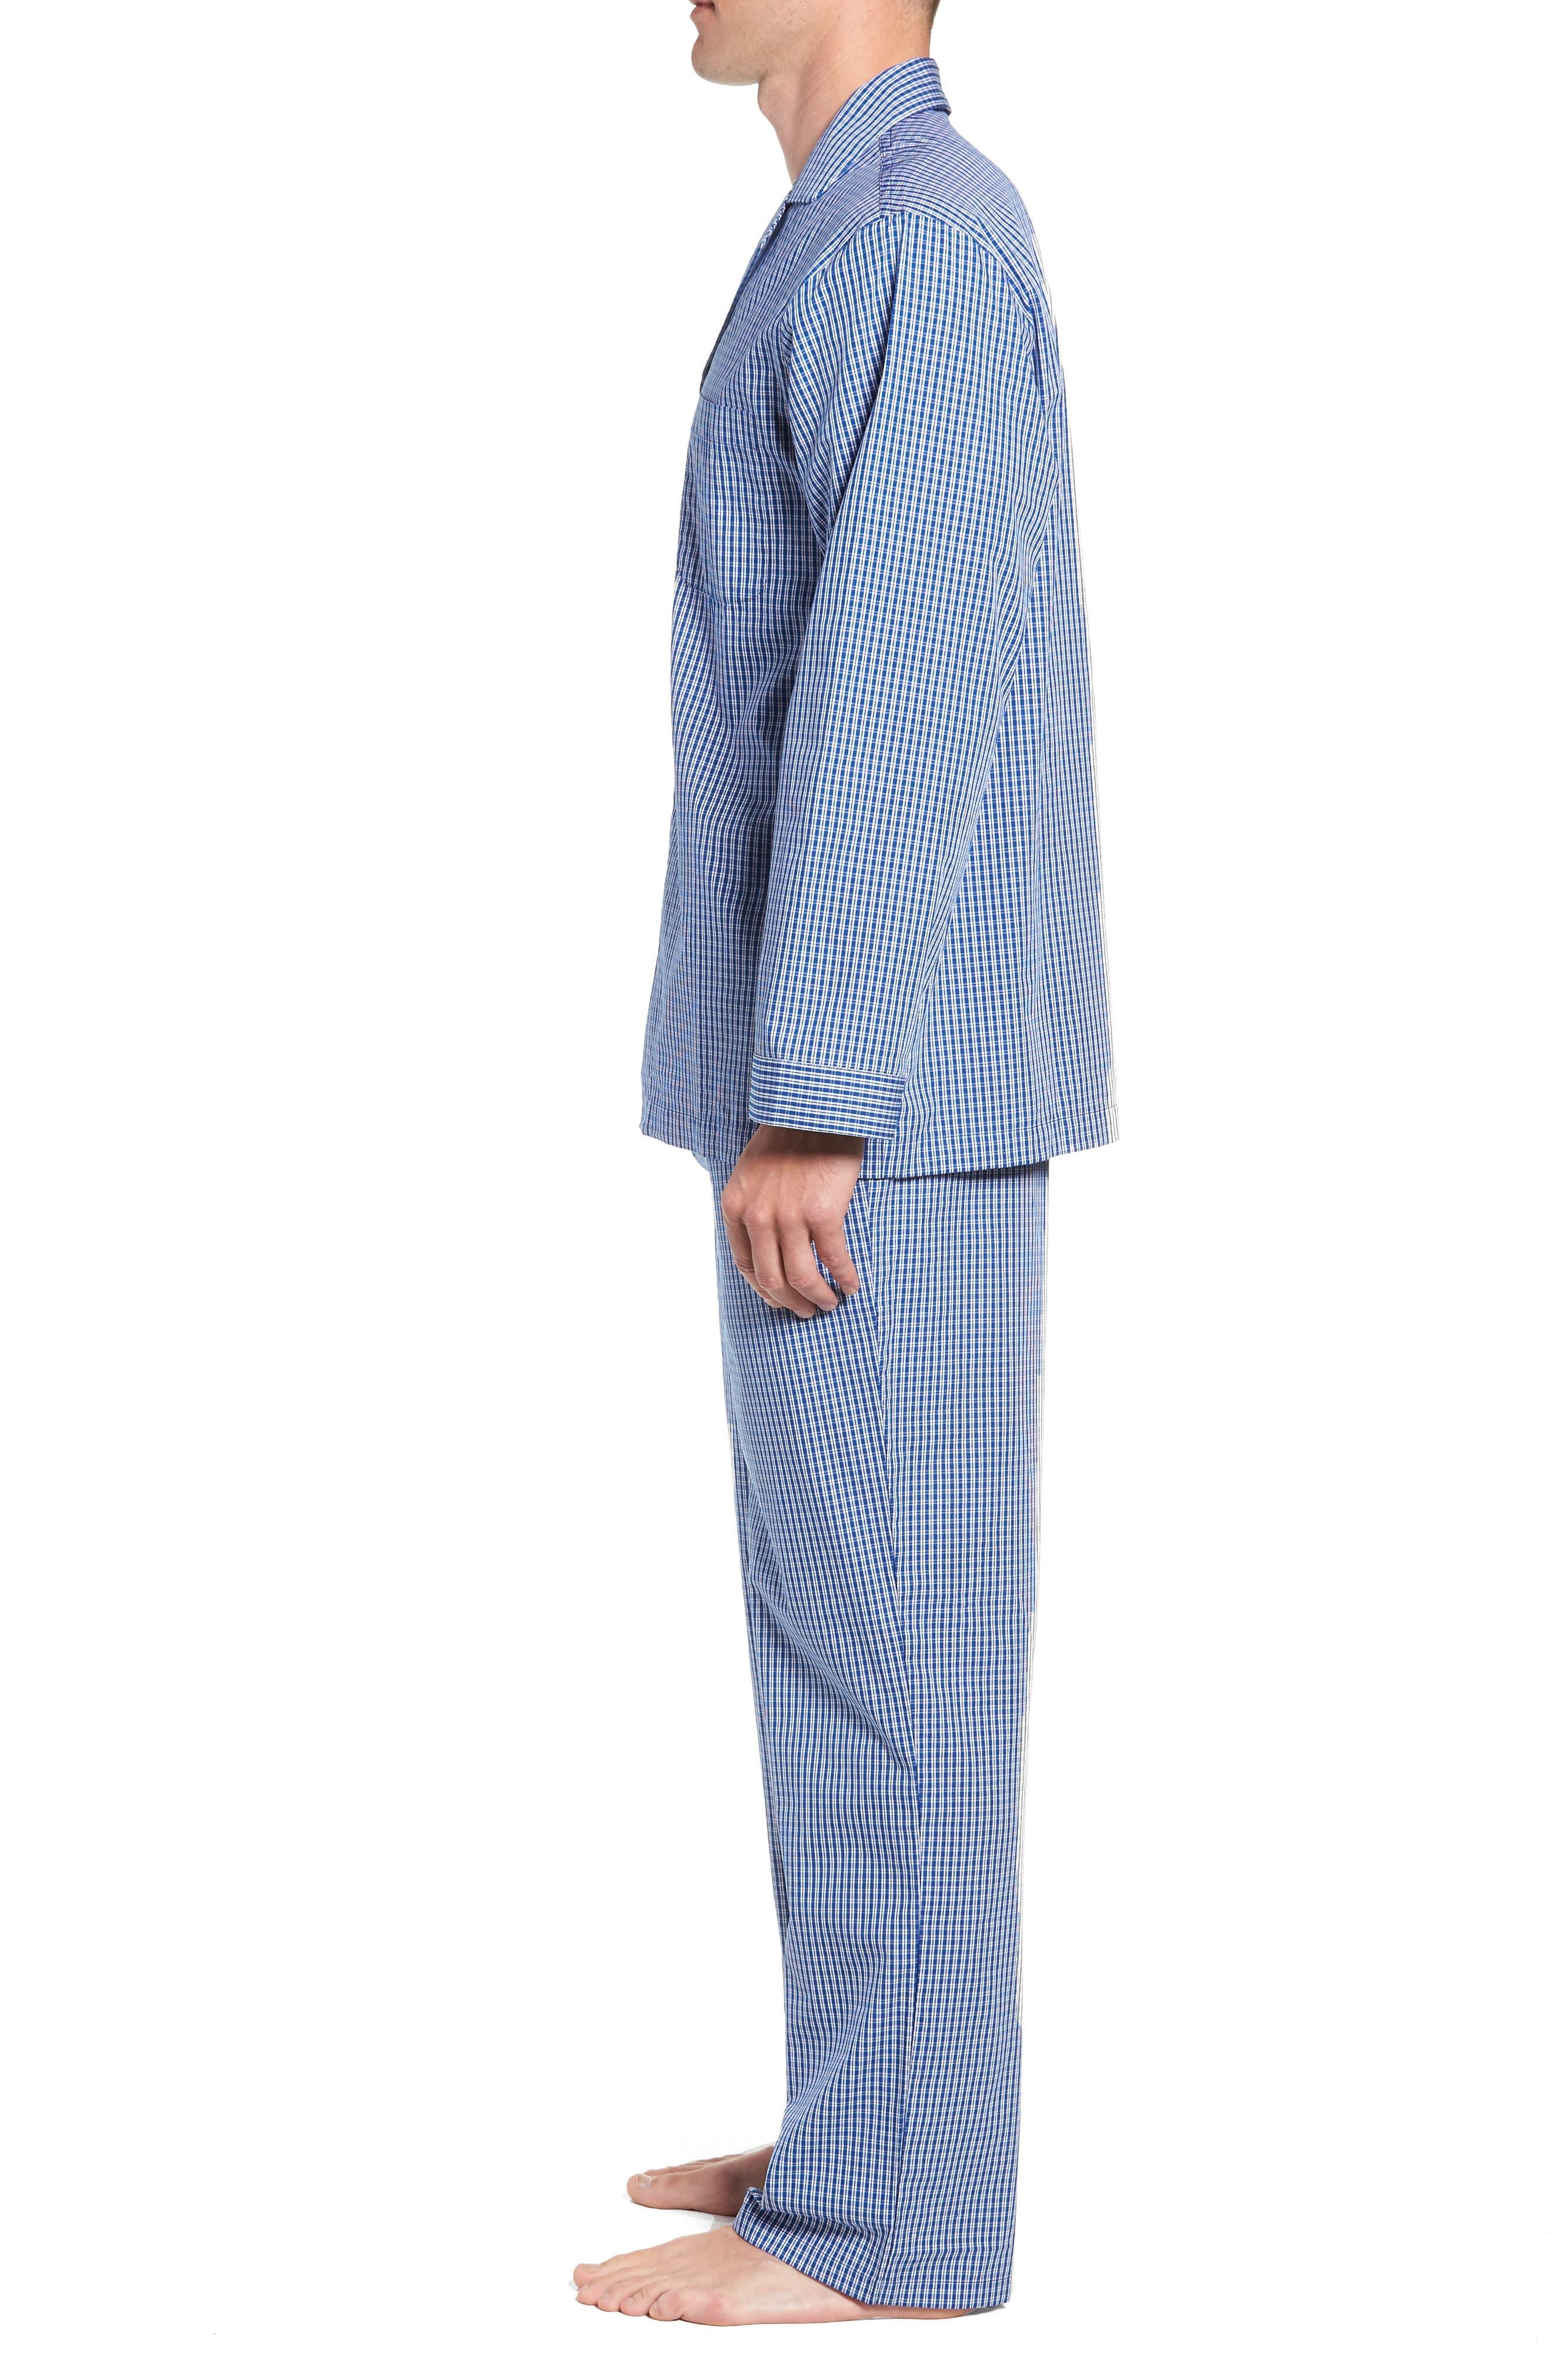 NORDSTROM MEN'S SHOP, Poplin Pajama Set, Alternate thumbnail 3, color, 404